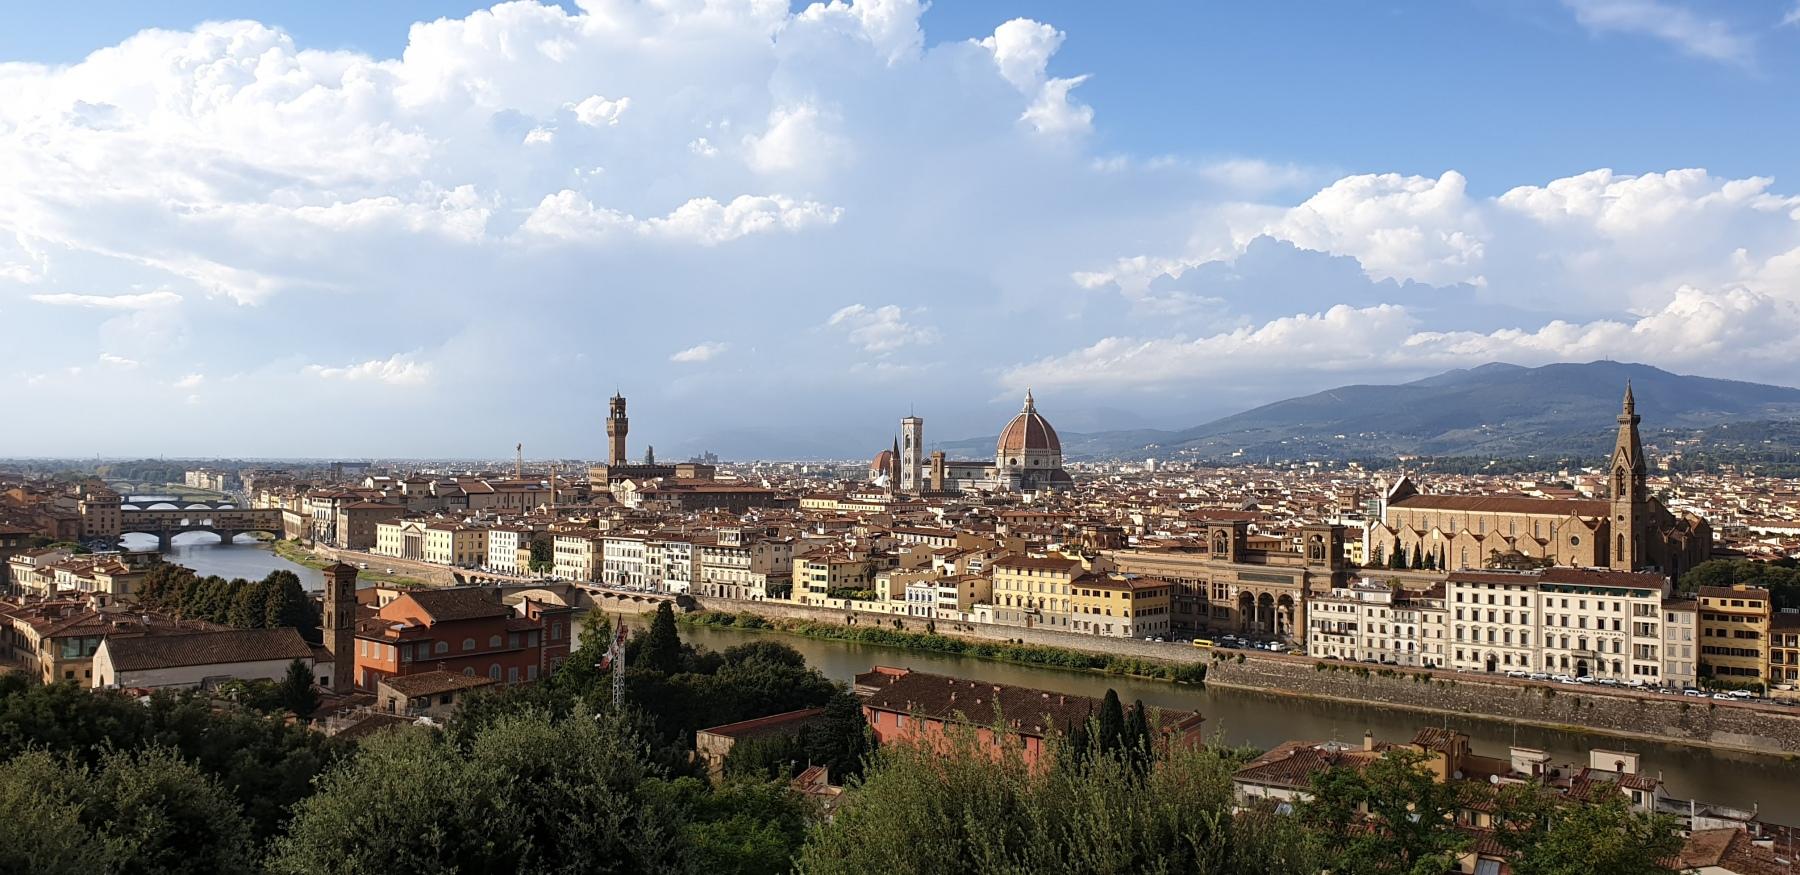 Vista Piazzale Michelangelo